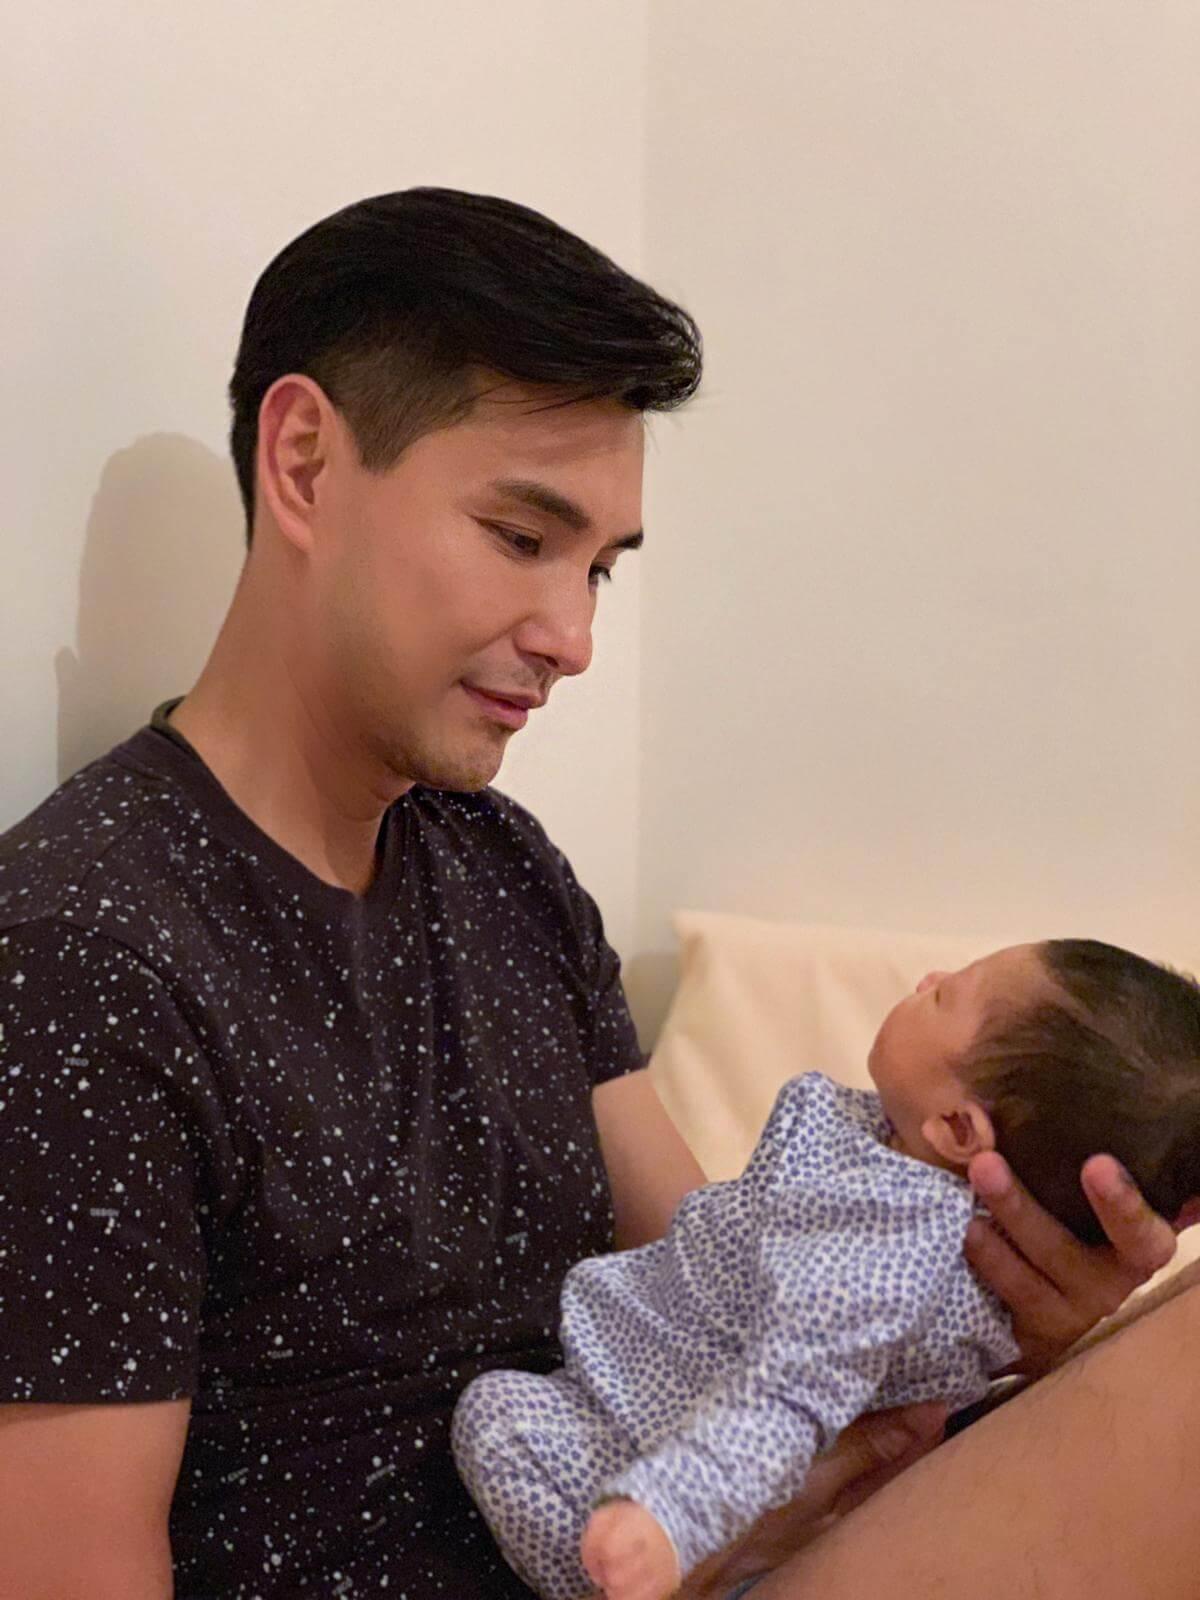 陳展鵬表示抱起BB時十分感動,更露出一幅慈父樣。